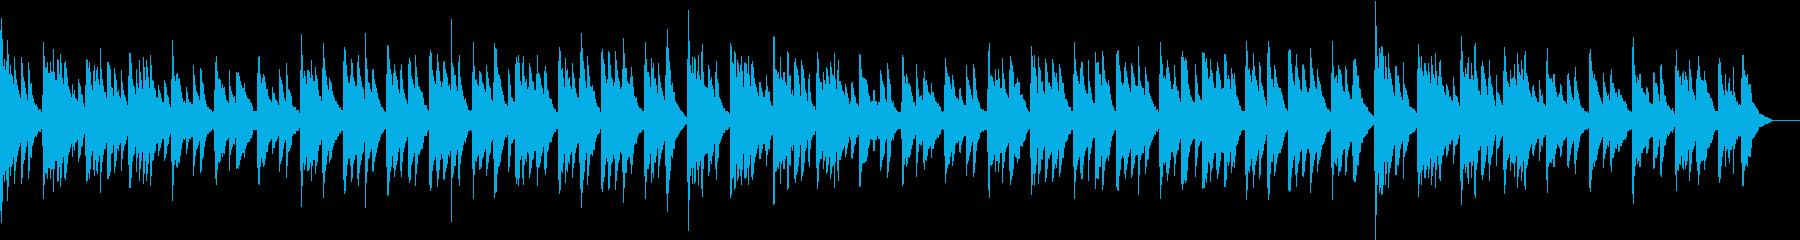 和風の情緒漂うピアノソロの再生済みの波形